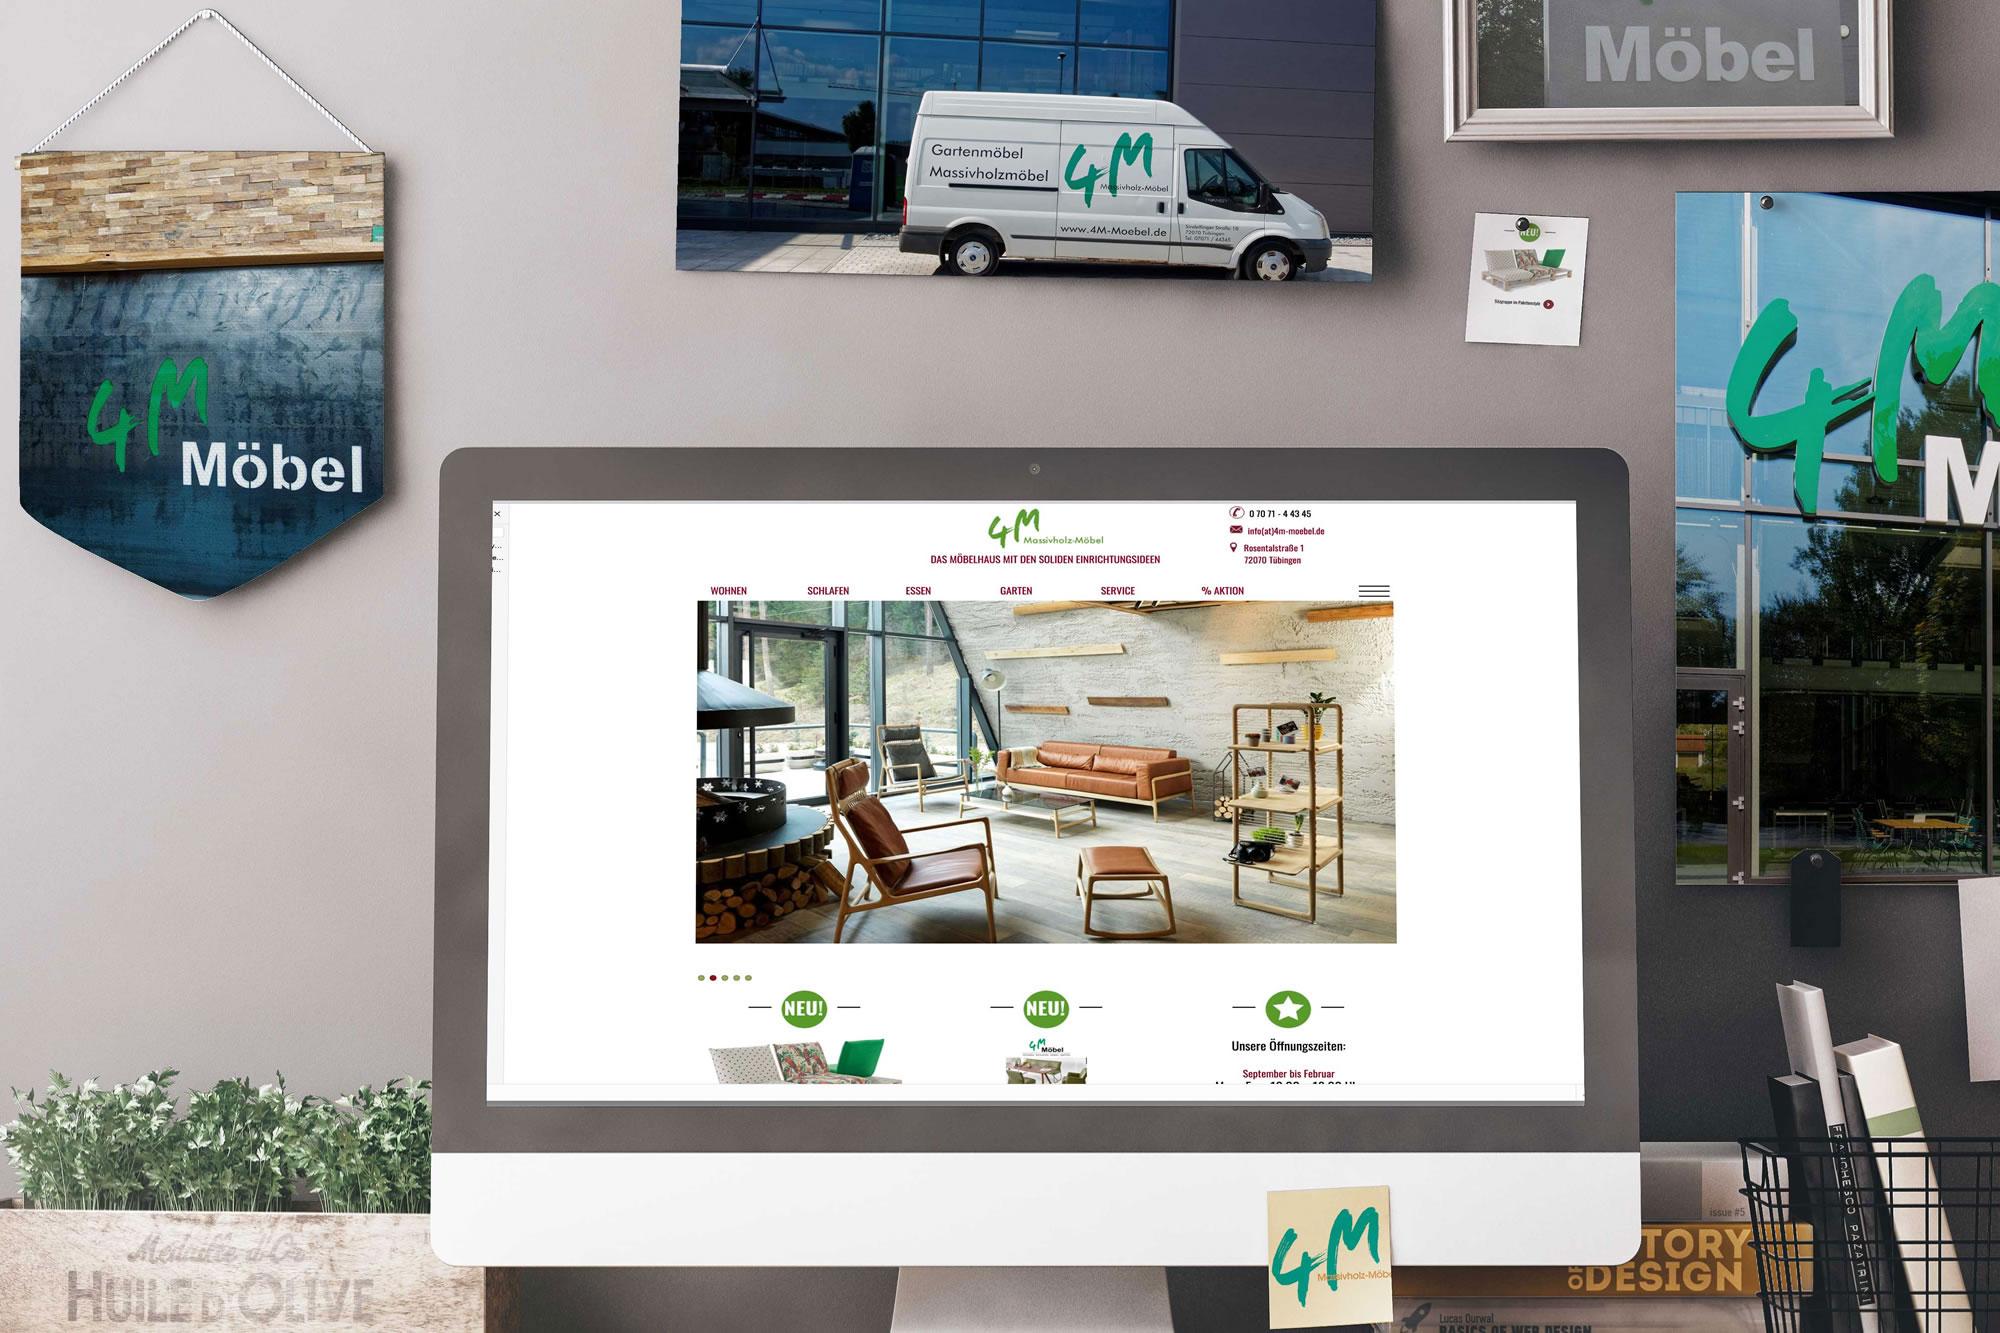 4m Webdesign Website Mit Cms Typo3 So Referenzen